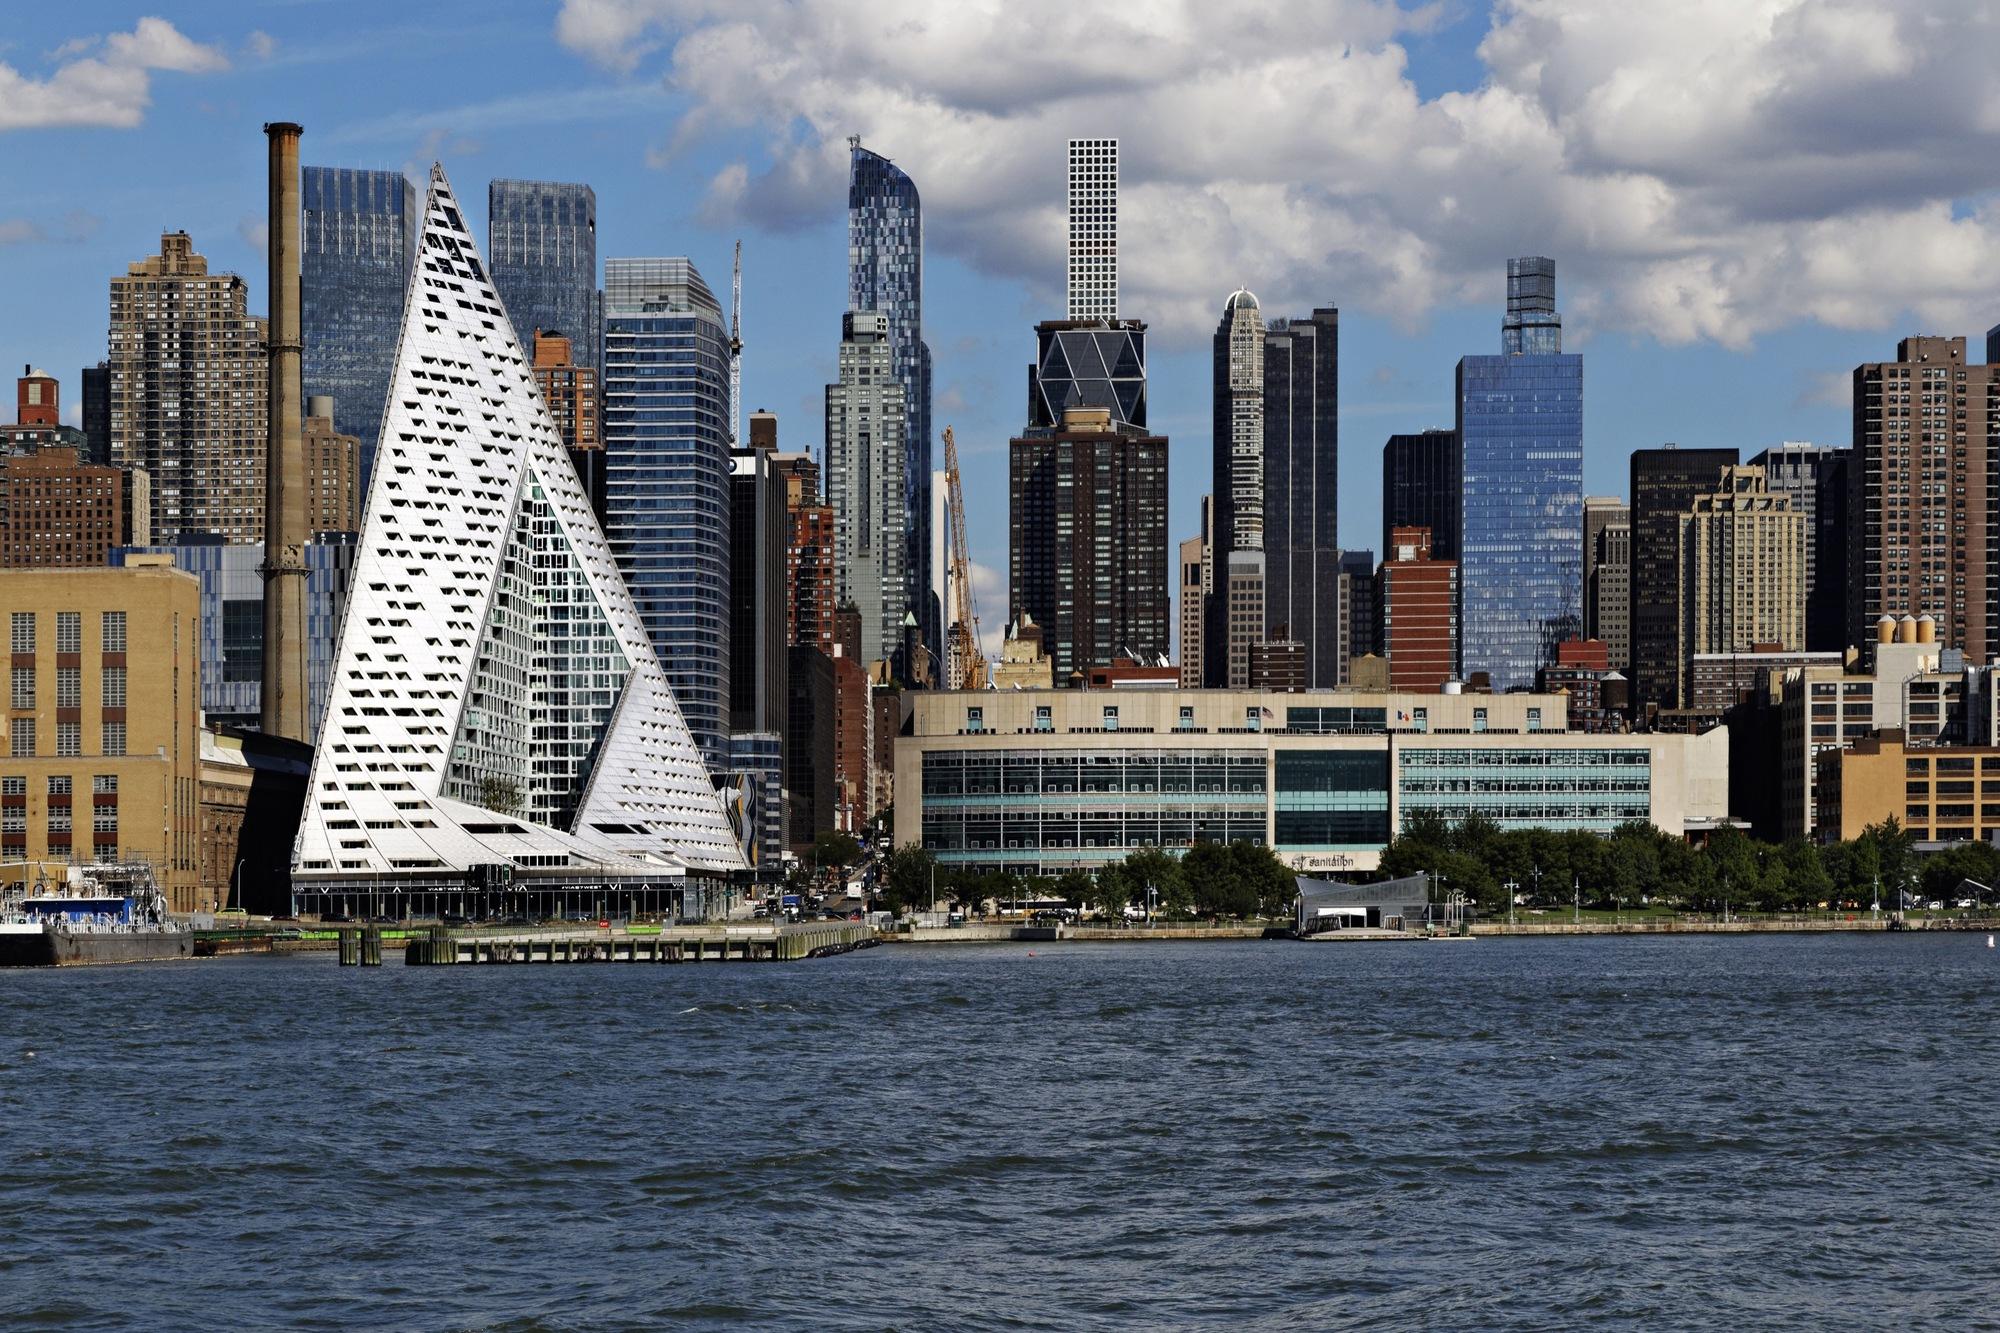 O VIA 57 West mudou os céus de Nova-Iorque...